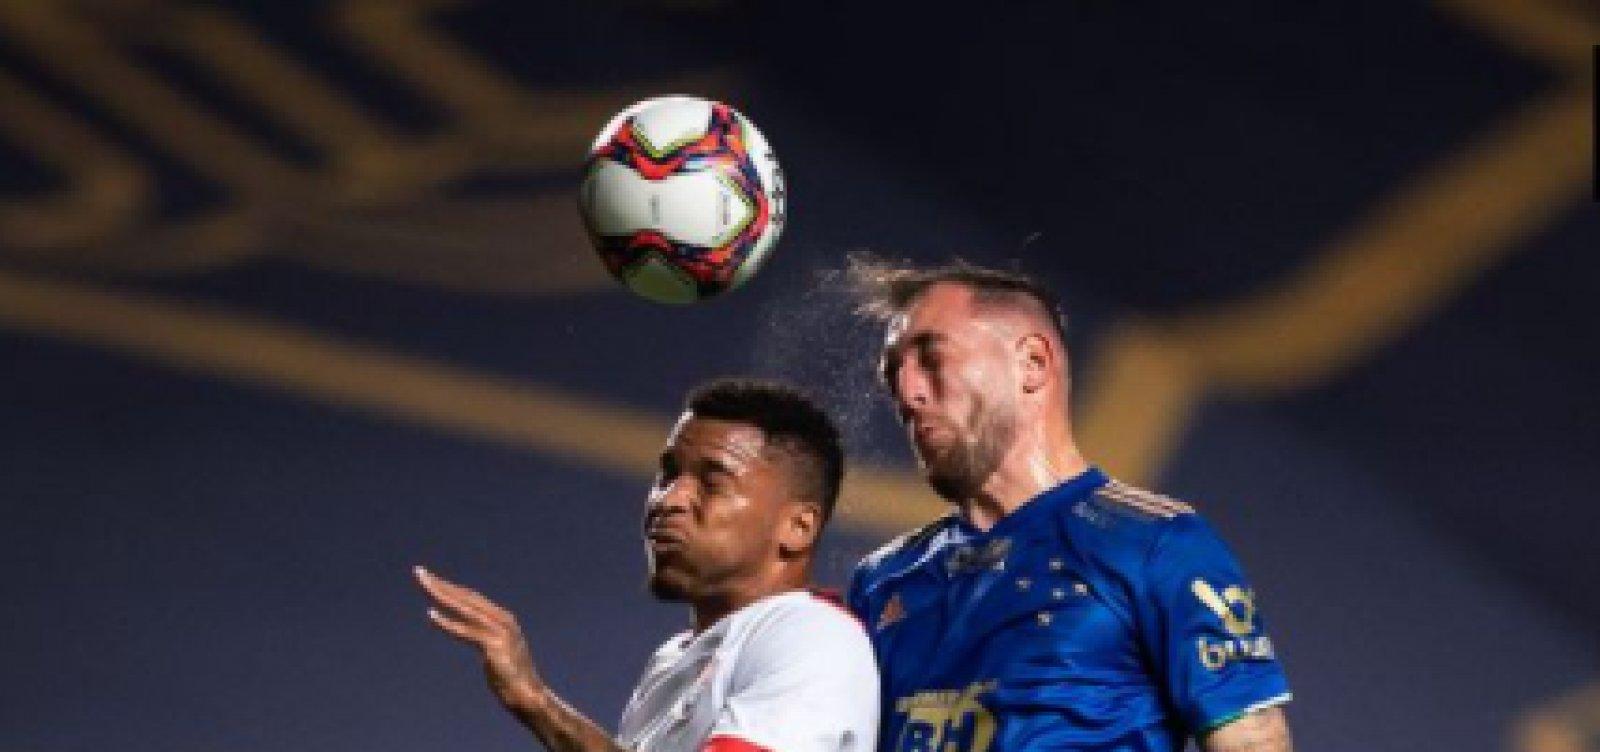 Vitória fica no empate em 2 a 2 diante do Cruzeiro e permanece no Z-4